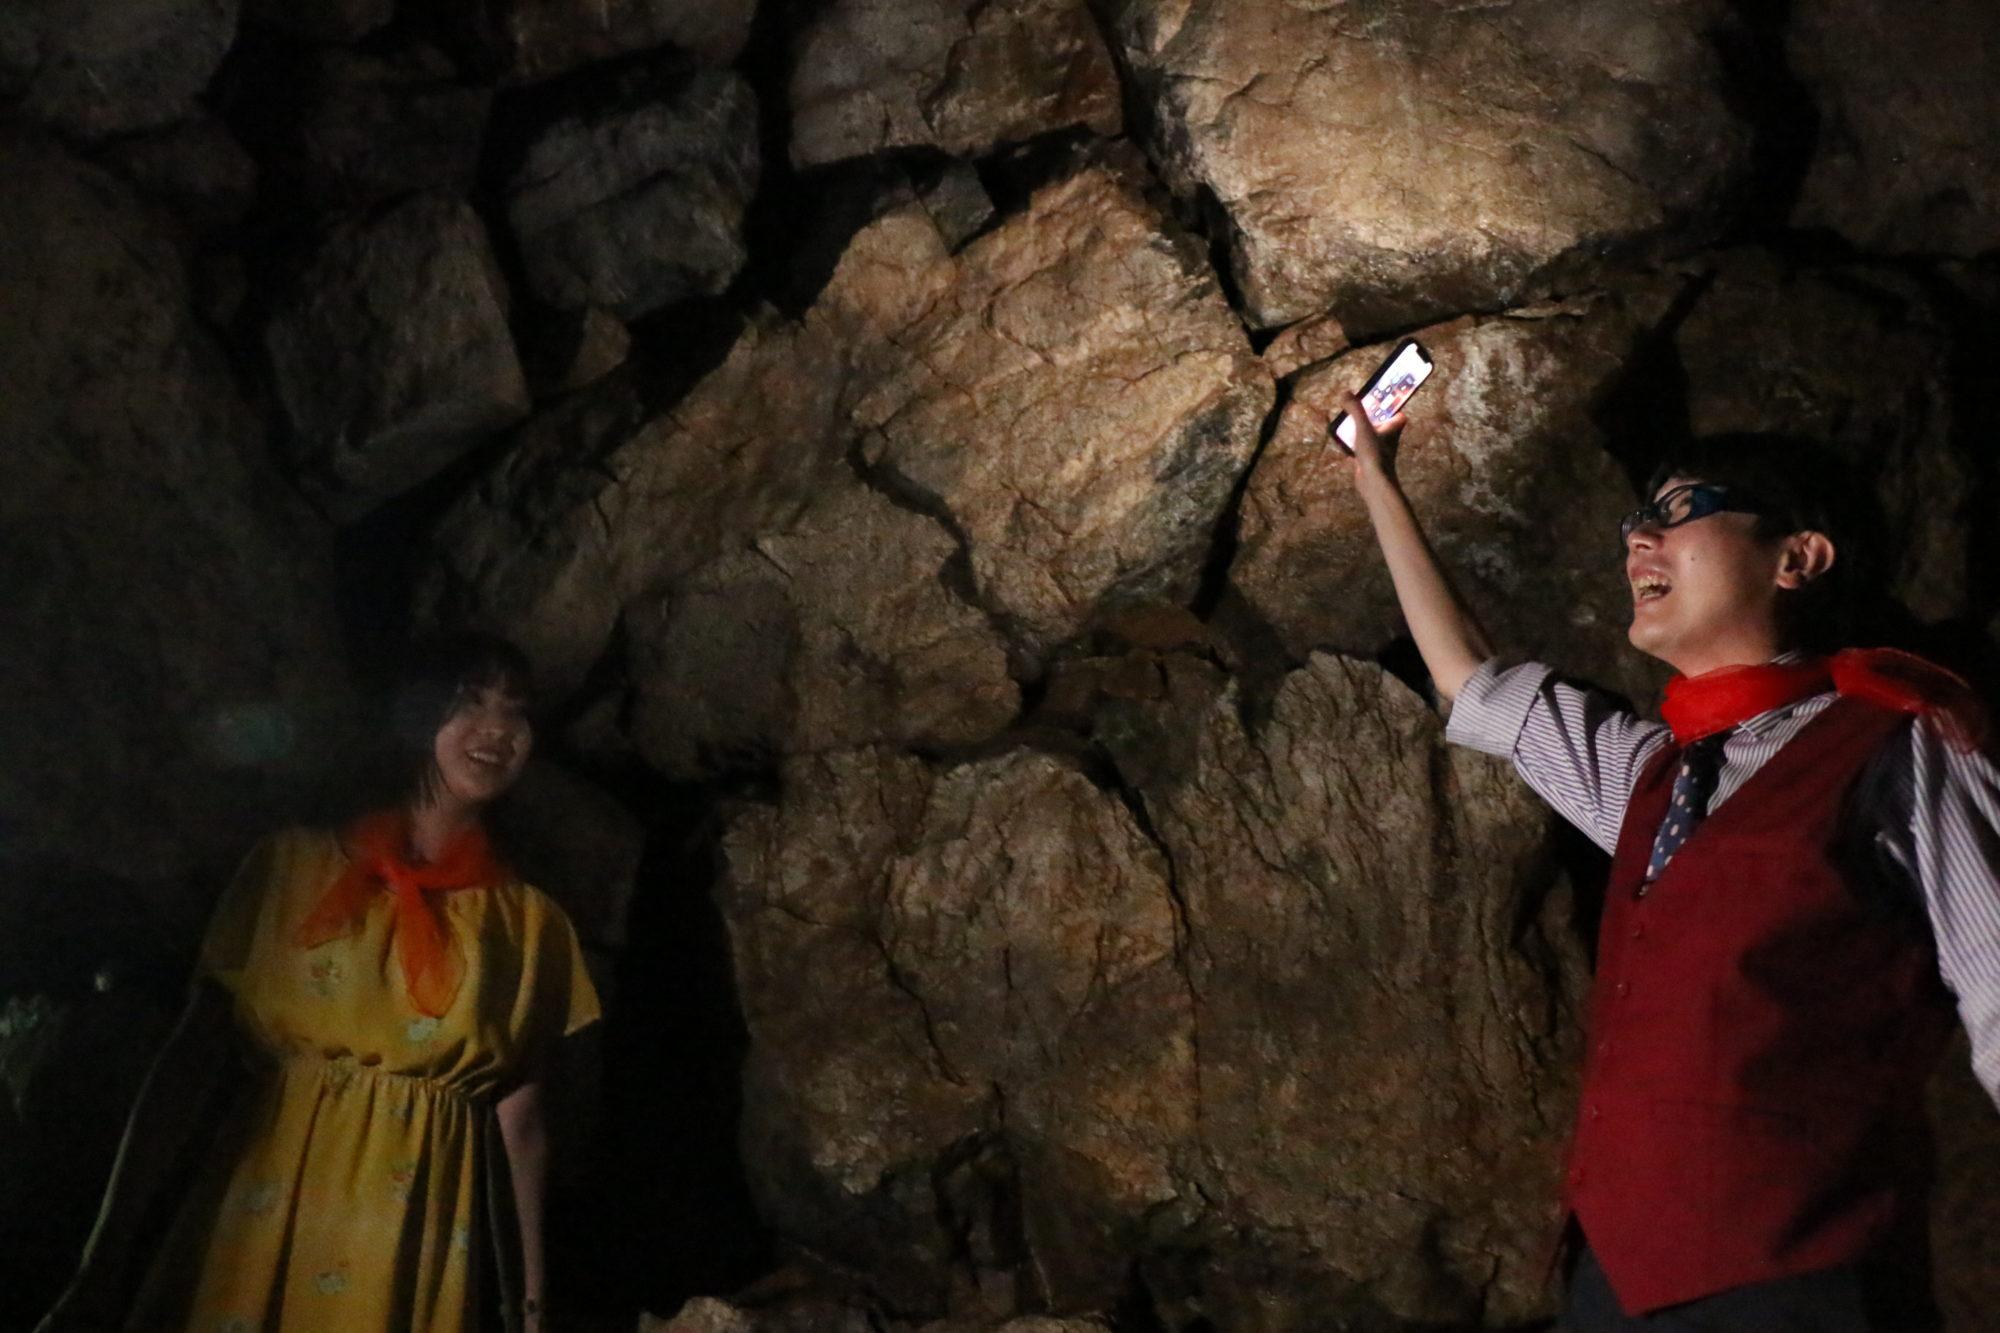 石室に入れる⁉加茂古墳群に潜入してみました!【小浜市】